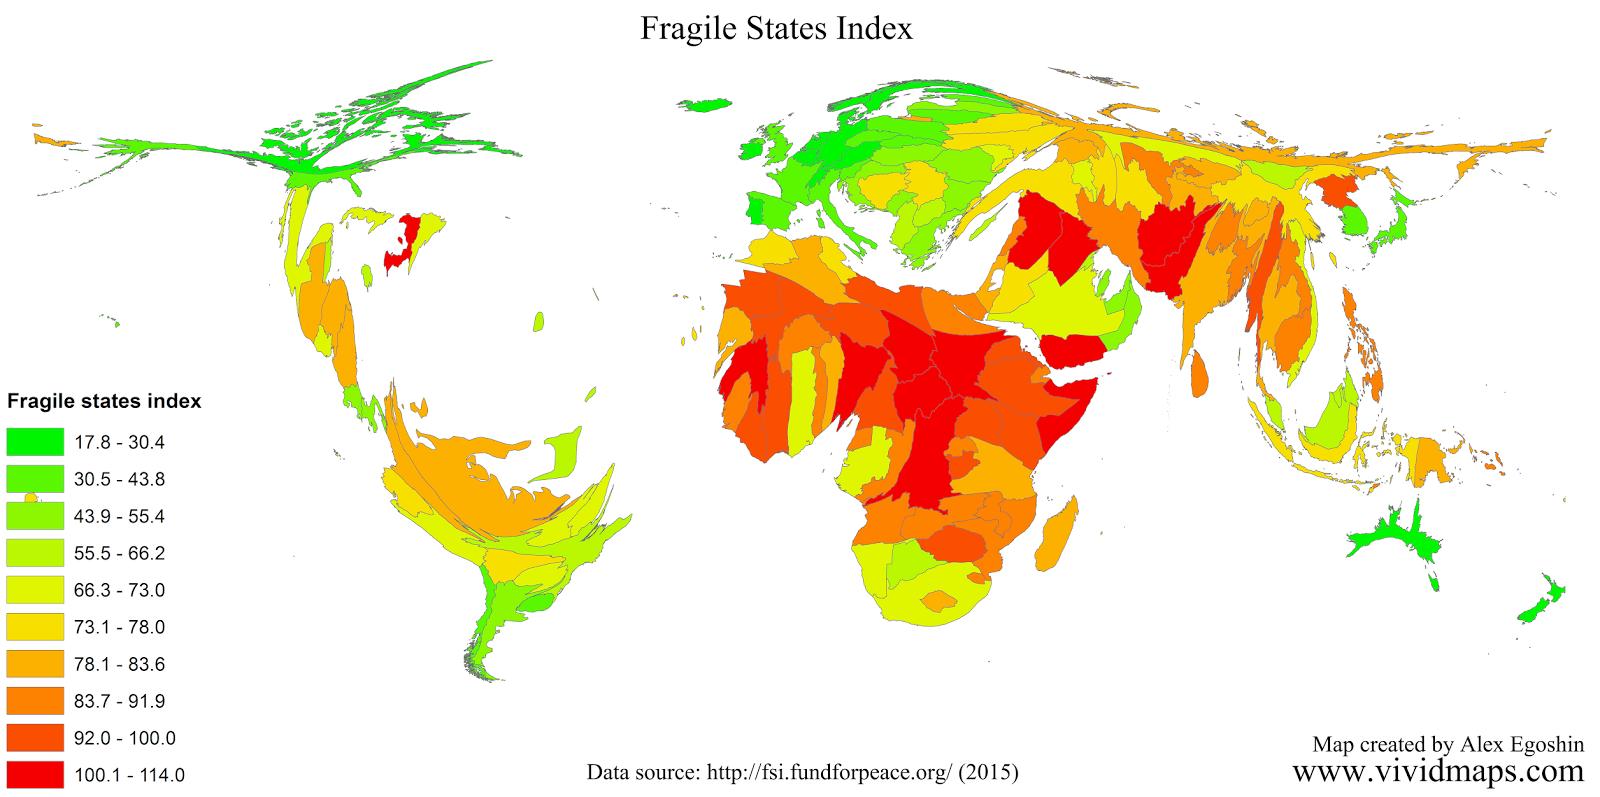 Fragile States Index (2015)